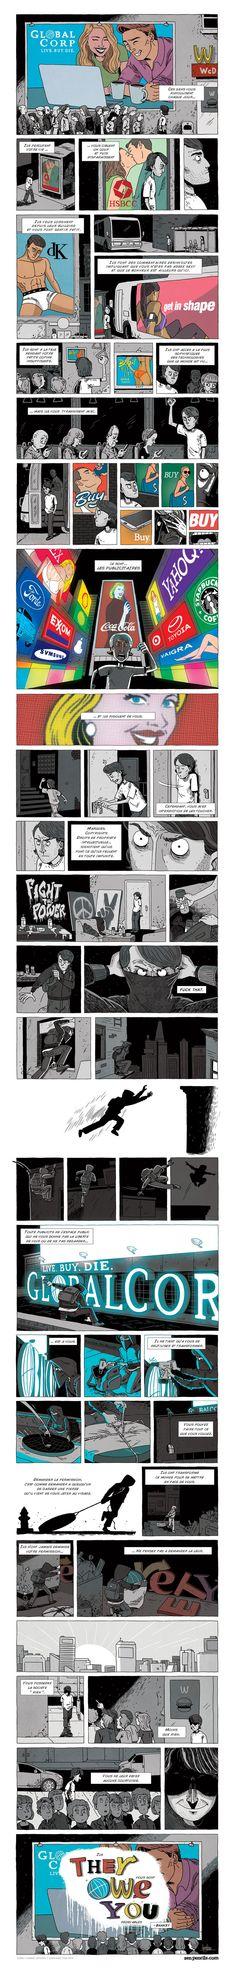 L'histoire de Banksy en une courte BD | Mr Mondialisation